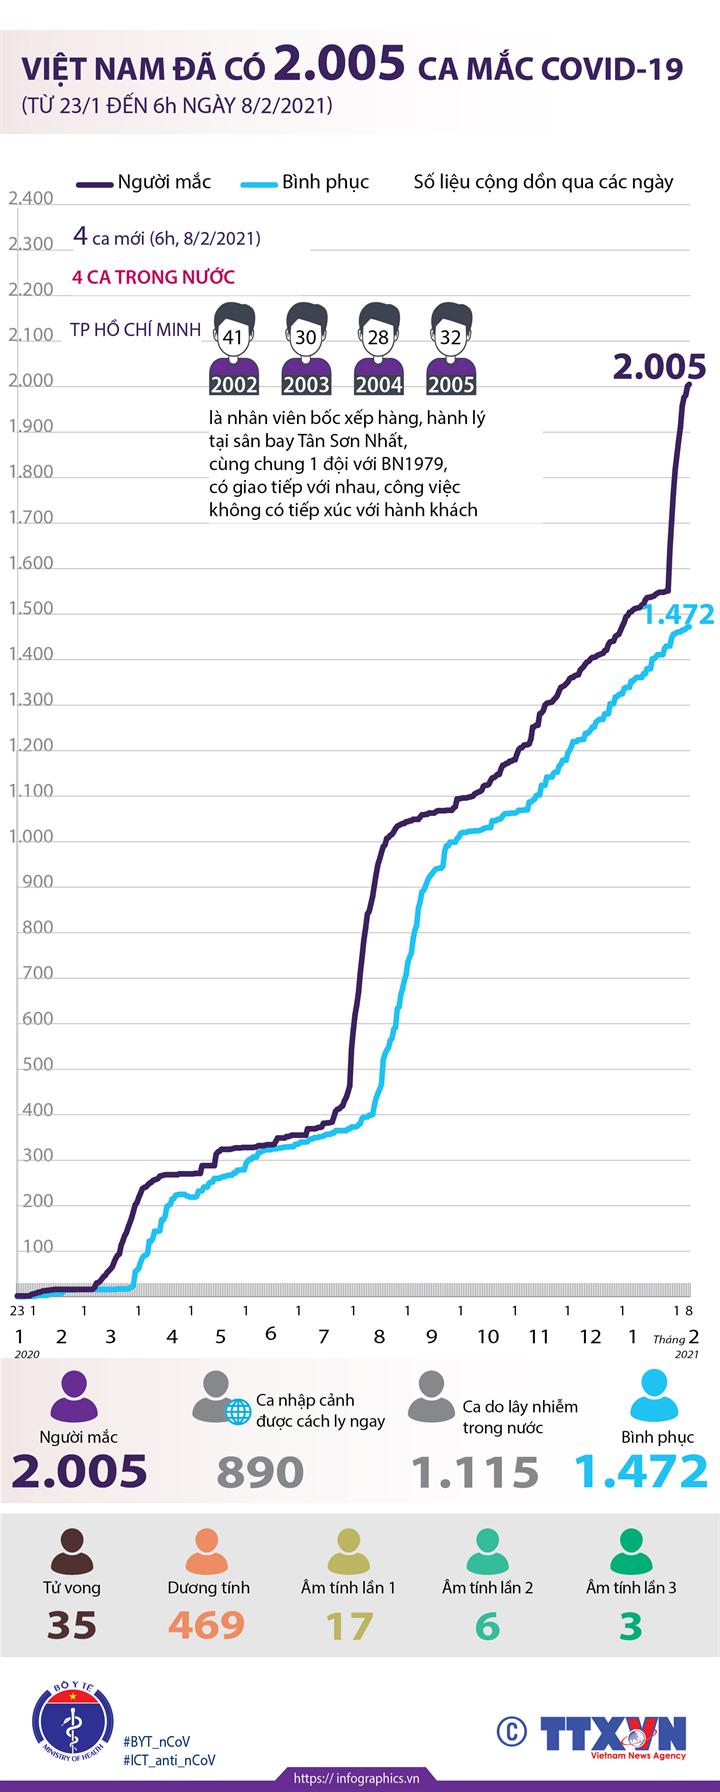 Việt Nam đã có 2.005 ca mắc COVID-19 (từ 23/1/2020 đến 6h ngày 8/2/2021)